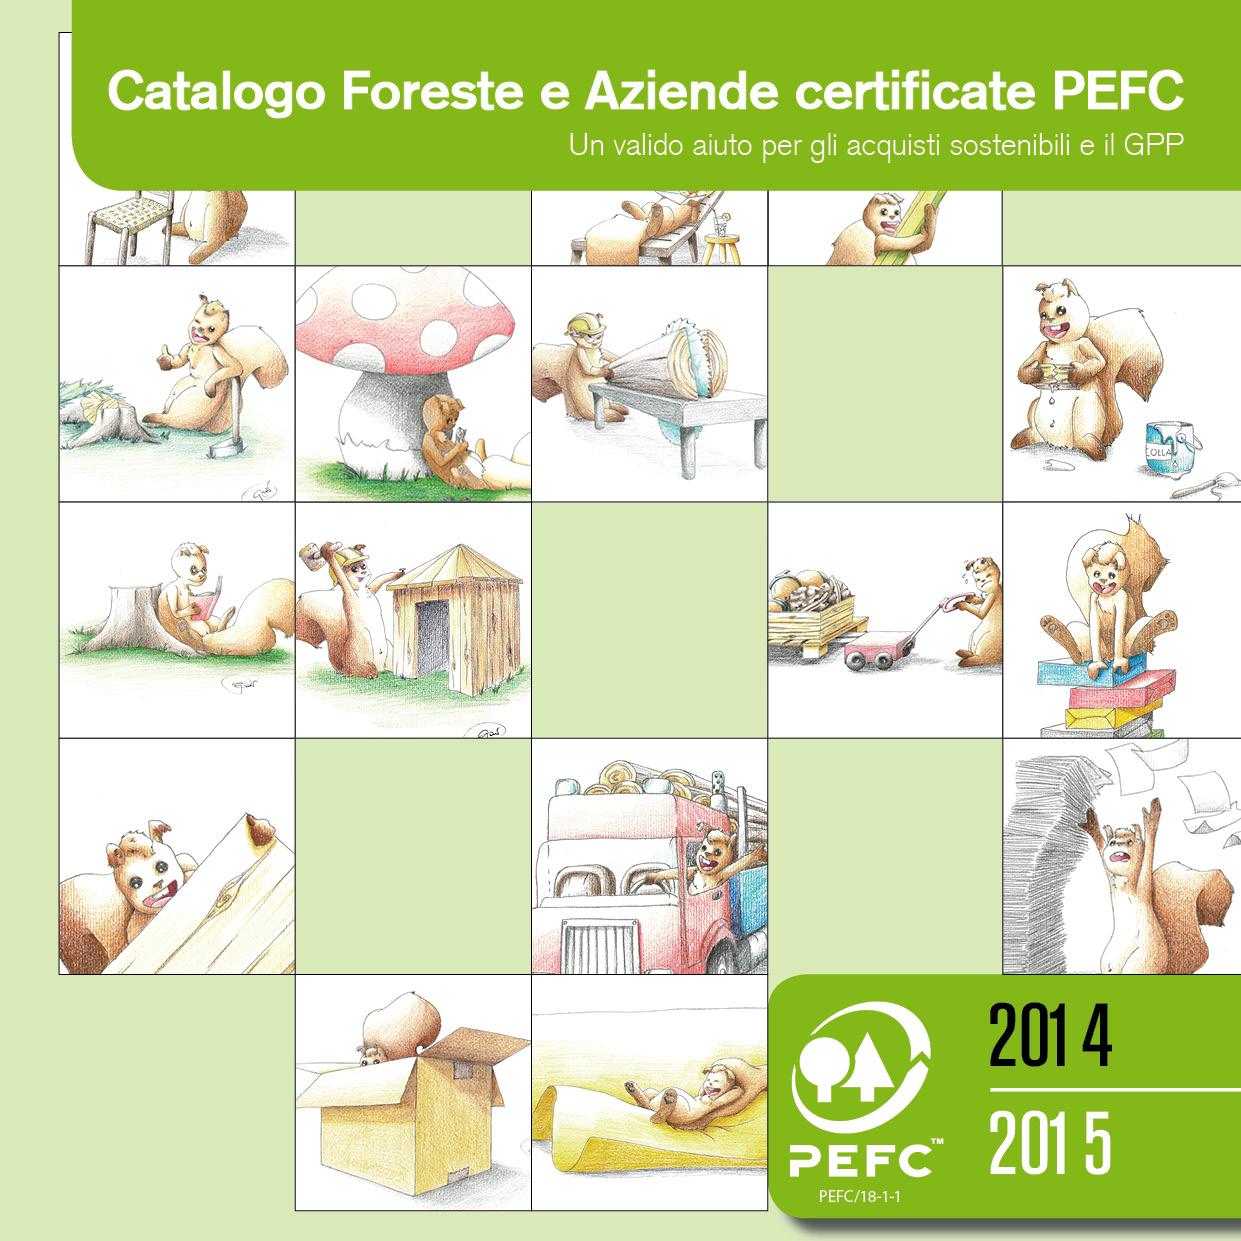 Il nuovo Catalogo delle foreste e aziende certificate PEFC 2014-2015 è online!